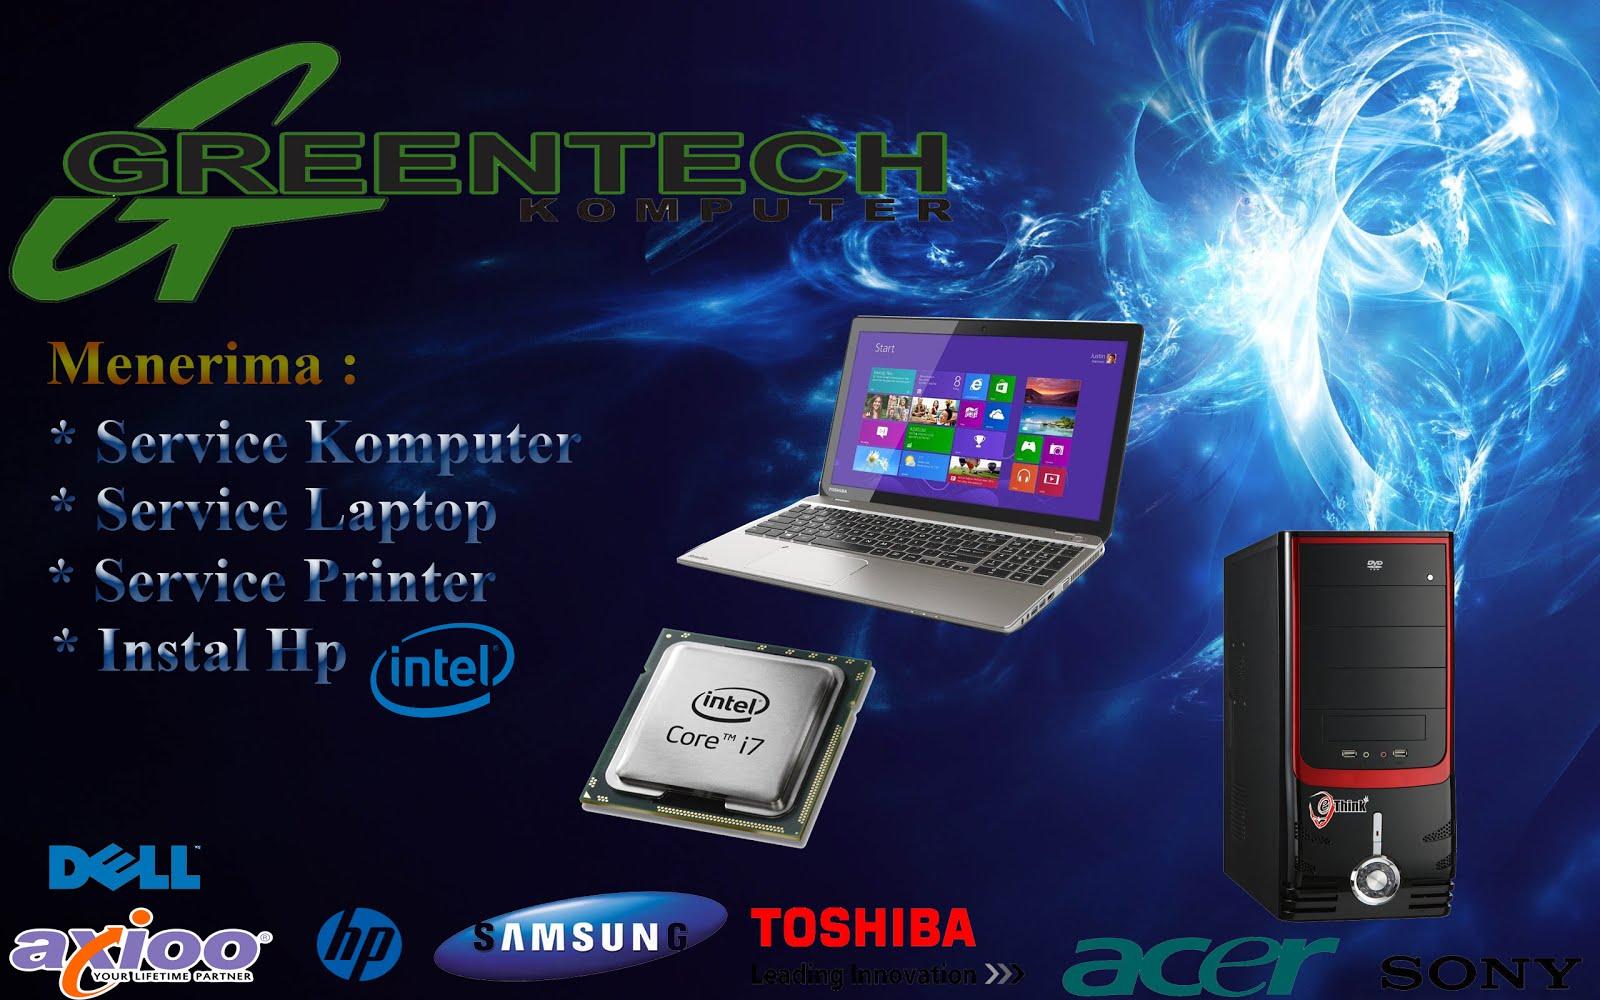 Greentech Komputer Tembilahan